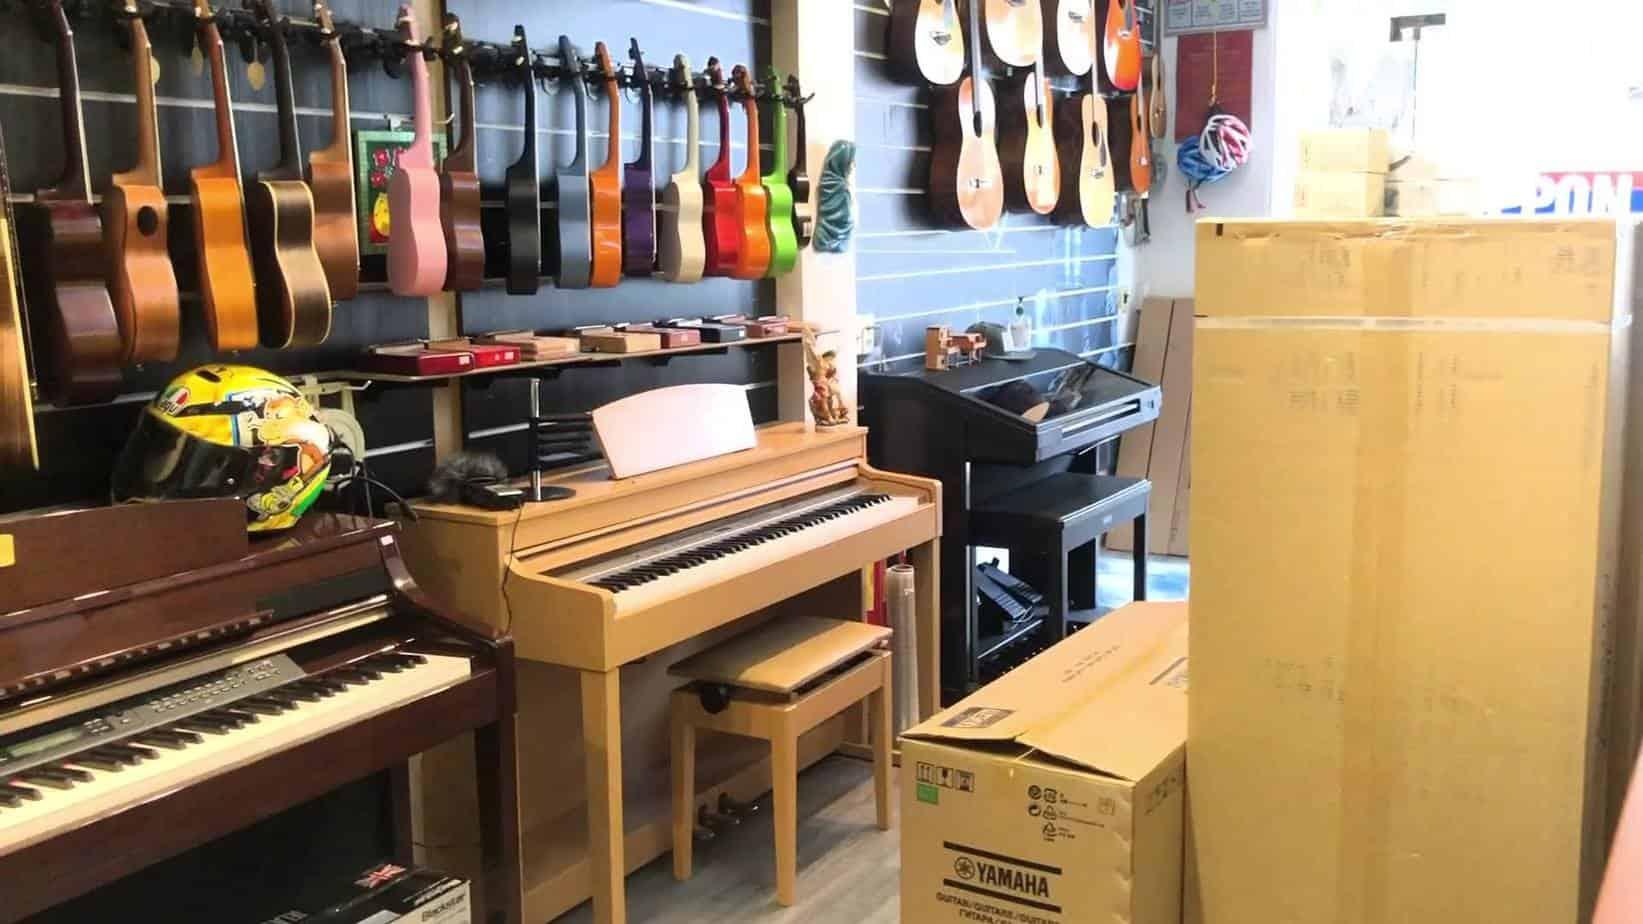 Top 10 Shop Chuyên Kinh Doanh Đàn Piano Cho Bé -  - Công ty âm nhạc Bình Minh | Cửa hàng Hà Ngọc Music | Cửa hàng Piano Fingers 29